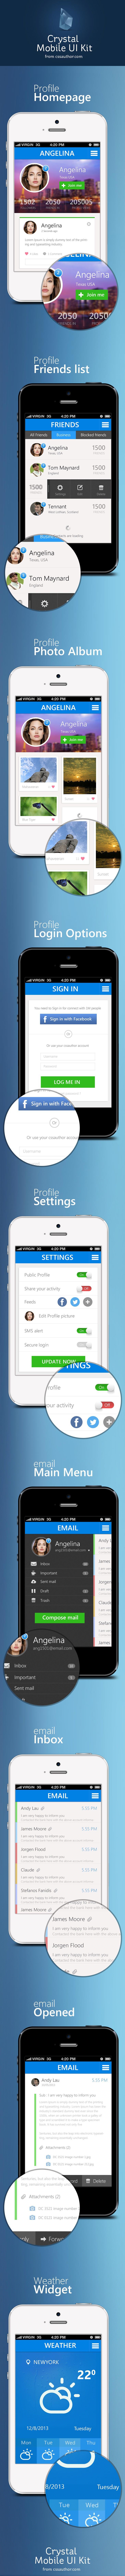 Crystal - Mobile Application UI Design PSD - cssauthor.com